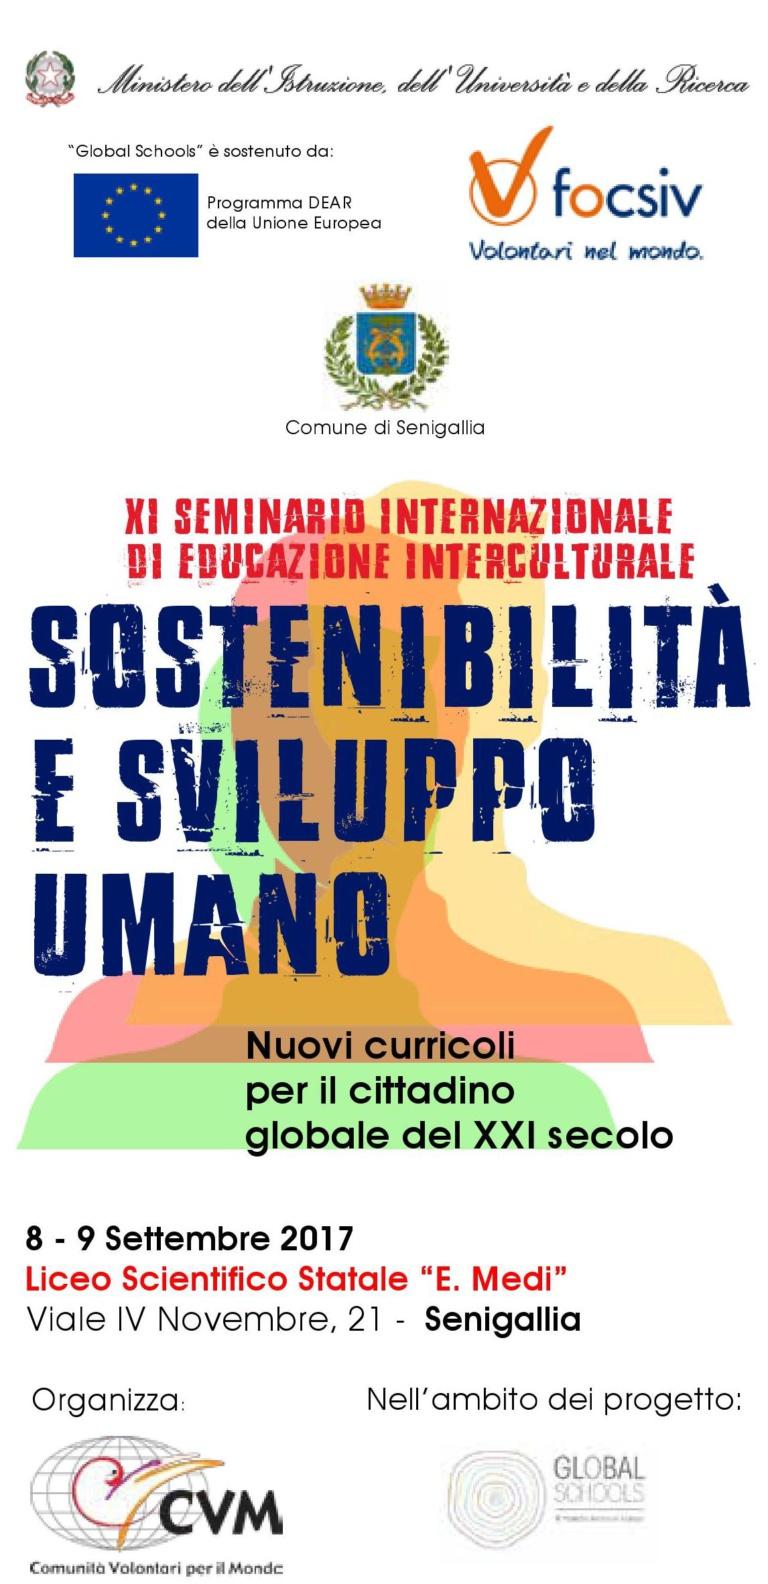 XI Seminario internazionale di educazione interculturale | Sostenibilità e sviluppo umano | Nuovi curricoli per il cittadino globale del XXI secolo